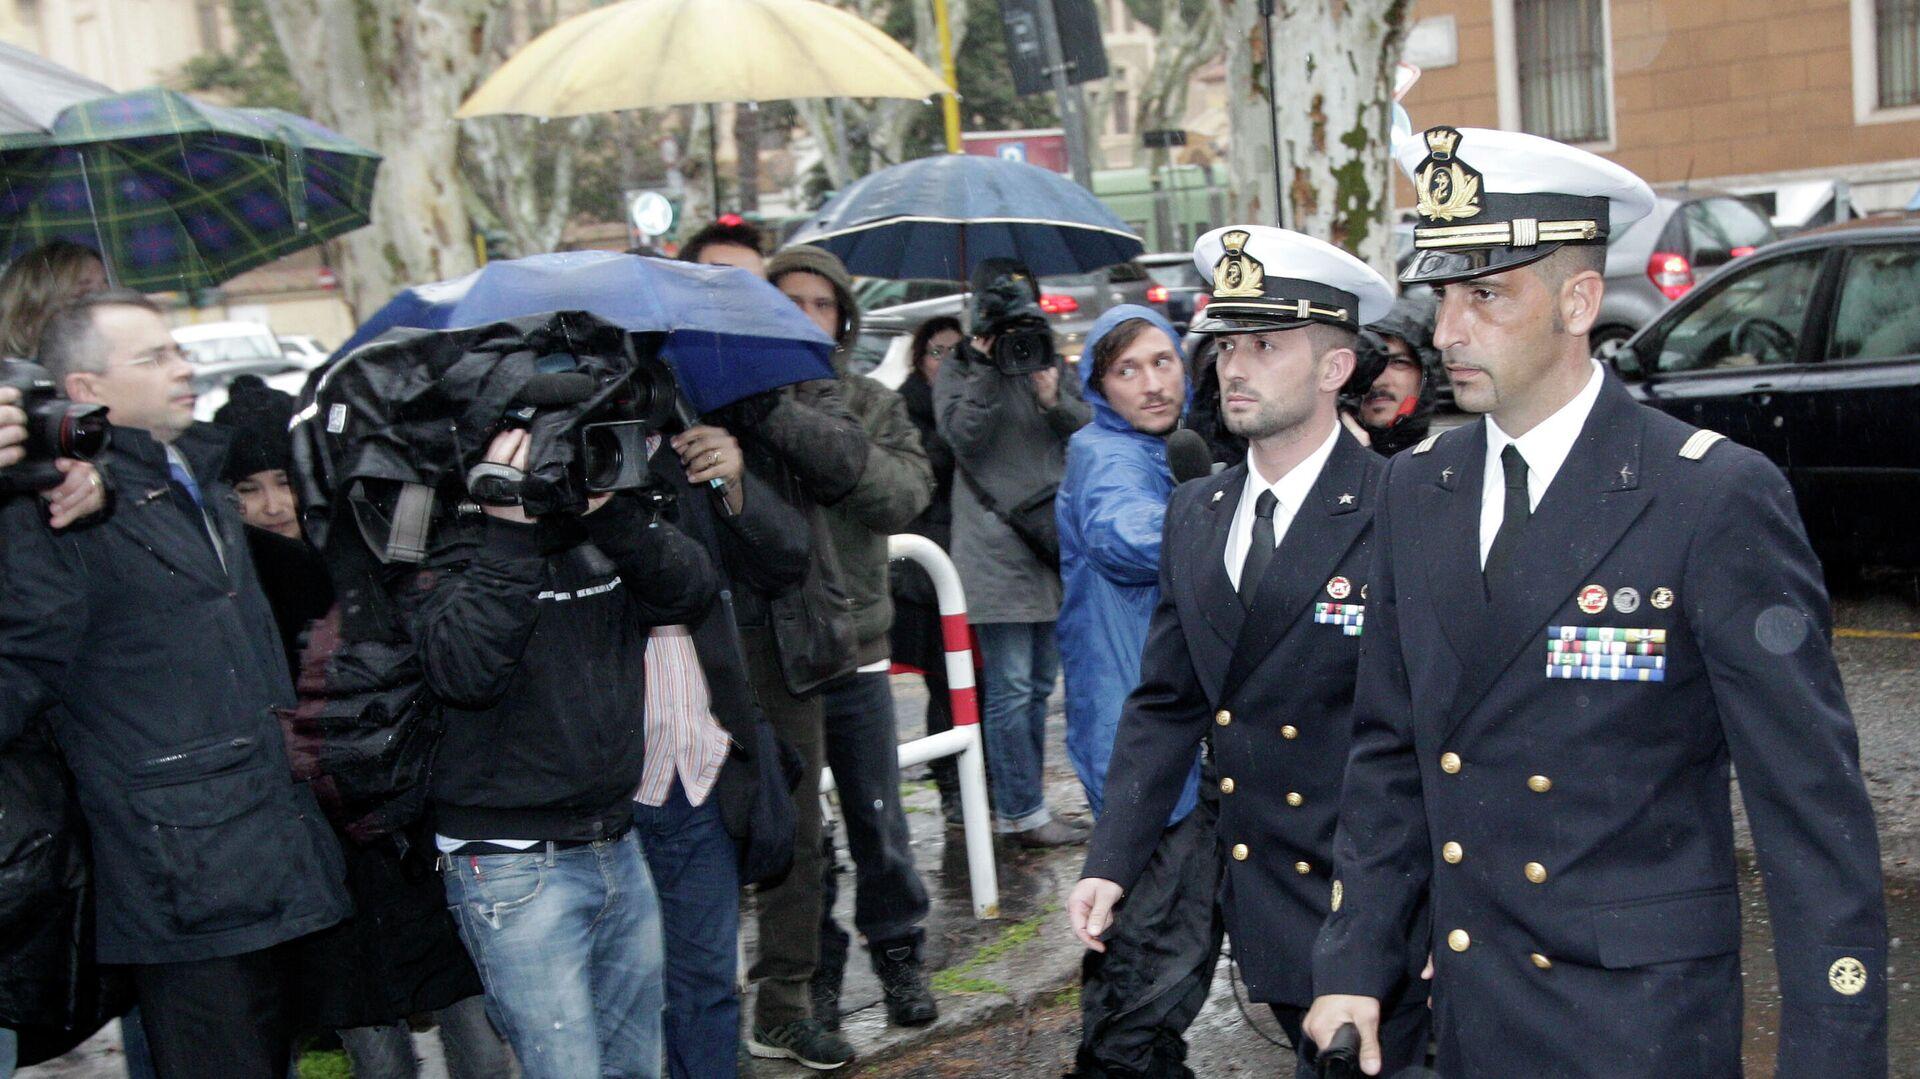 Miembros del regimiento San Marco de la Marina Militar Italiana, Massimiliano Latorre y Salvatore Girone al volver a Italia en 2013 - Sputnik Mundo, 1920, 15.06.2021